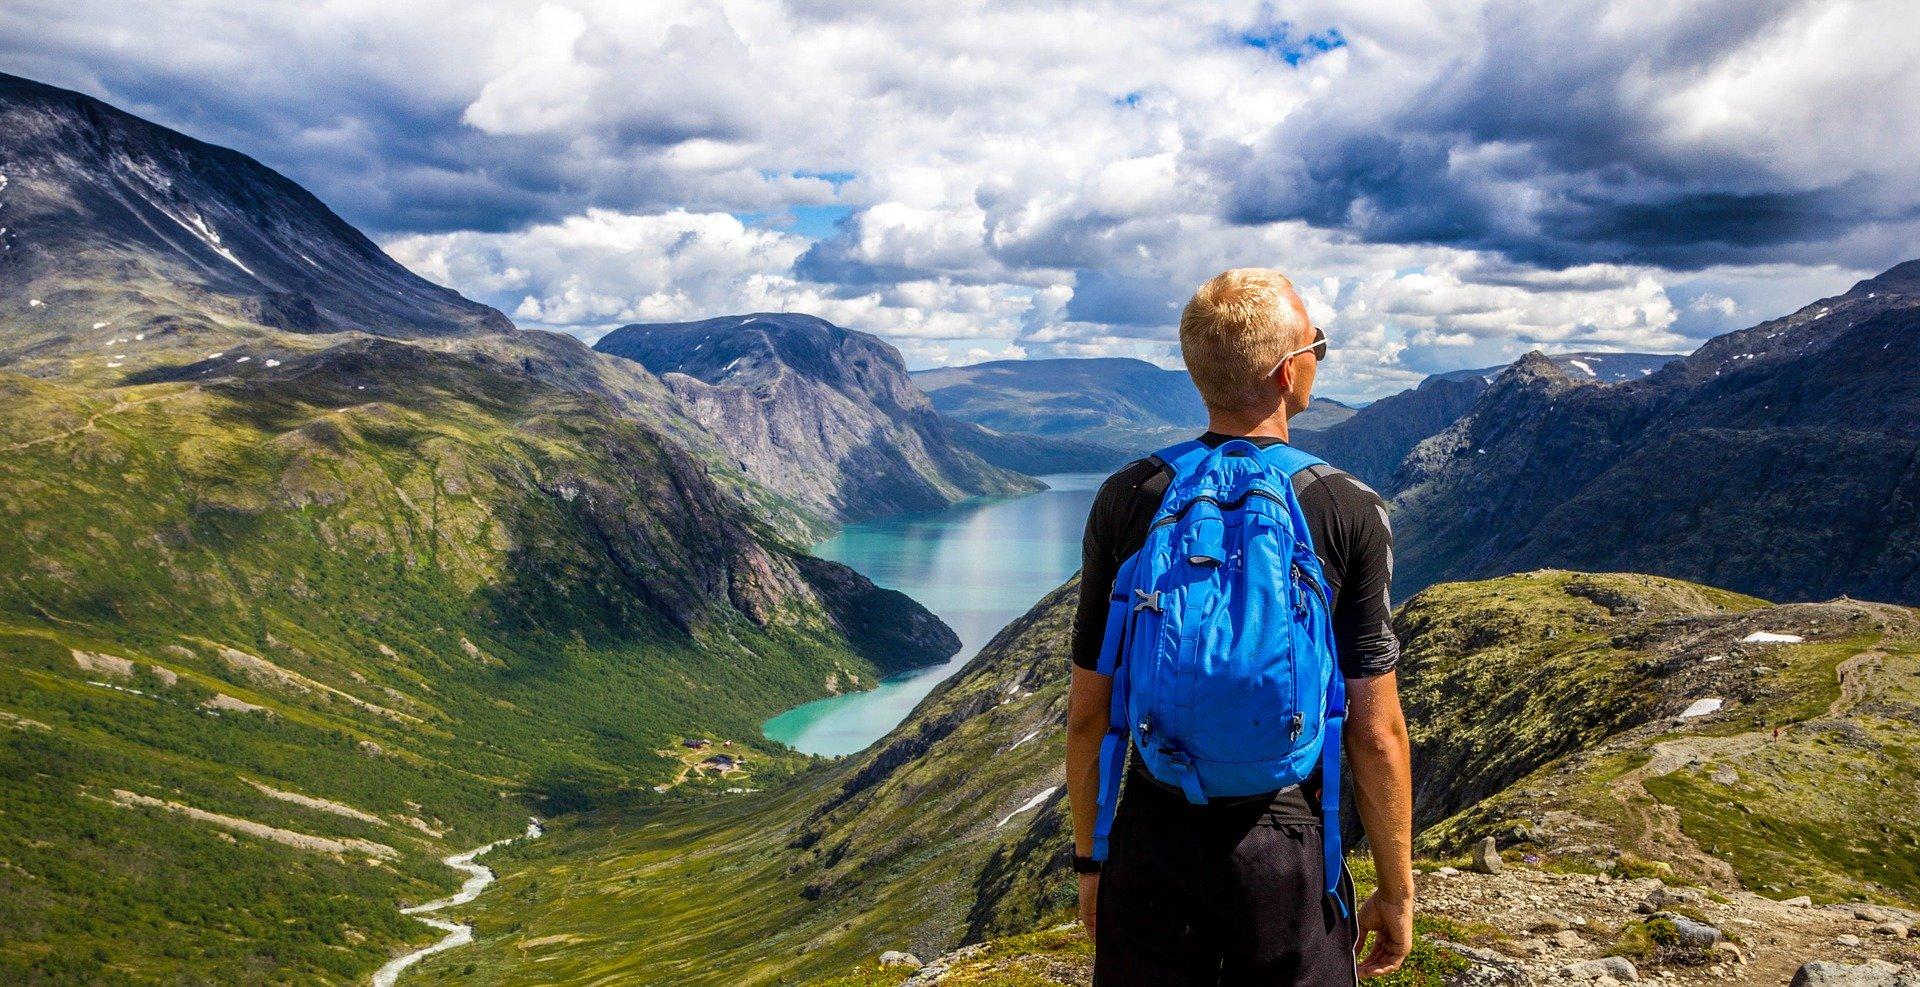 Plecak na co dzień – jak wybrać odpowiedni model?